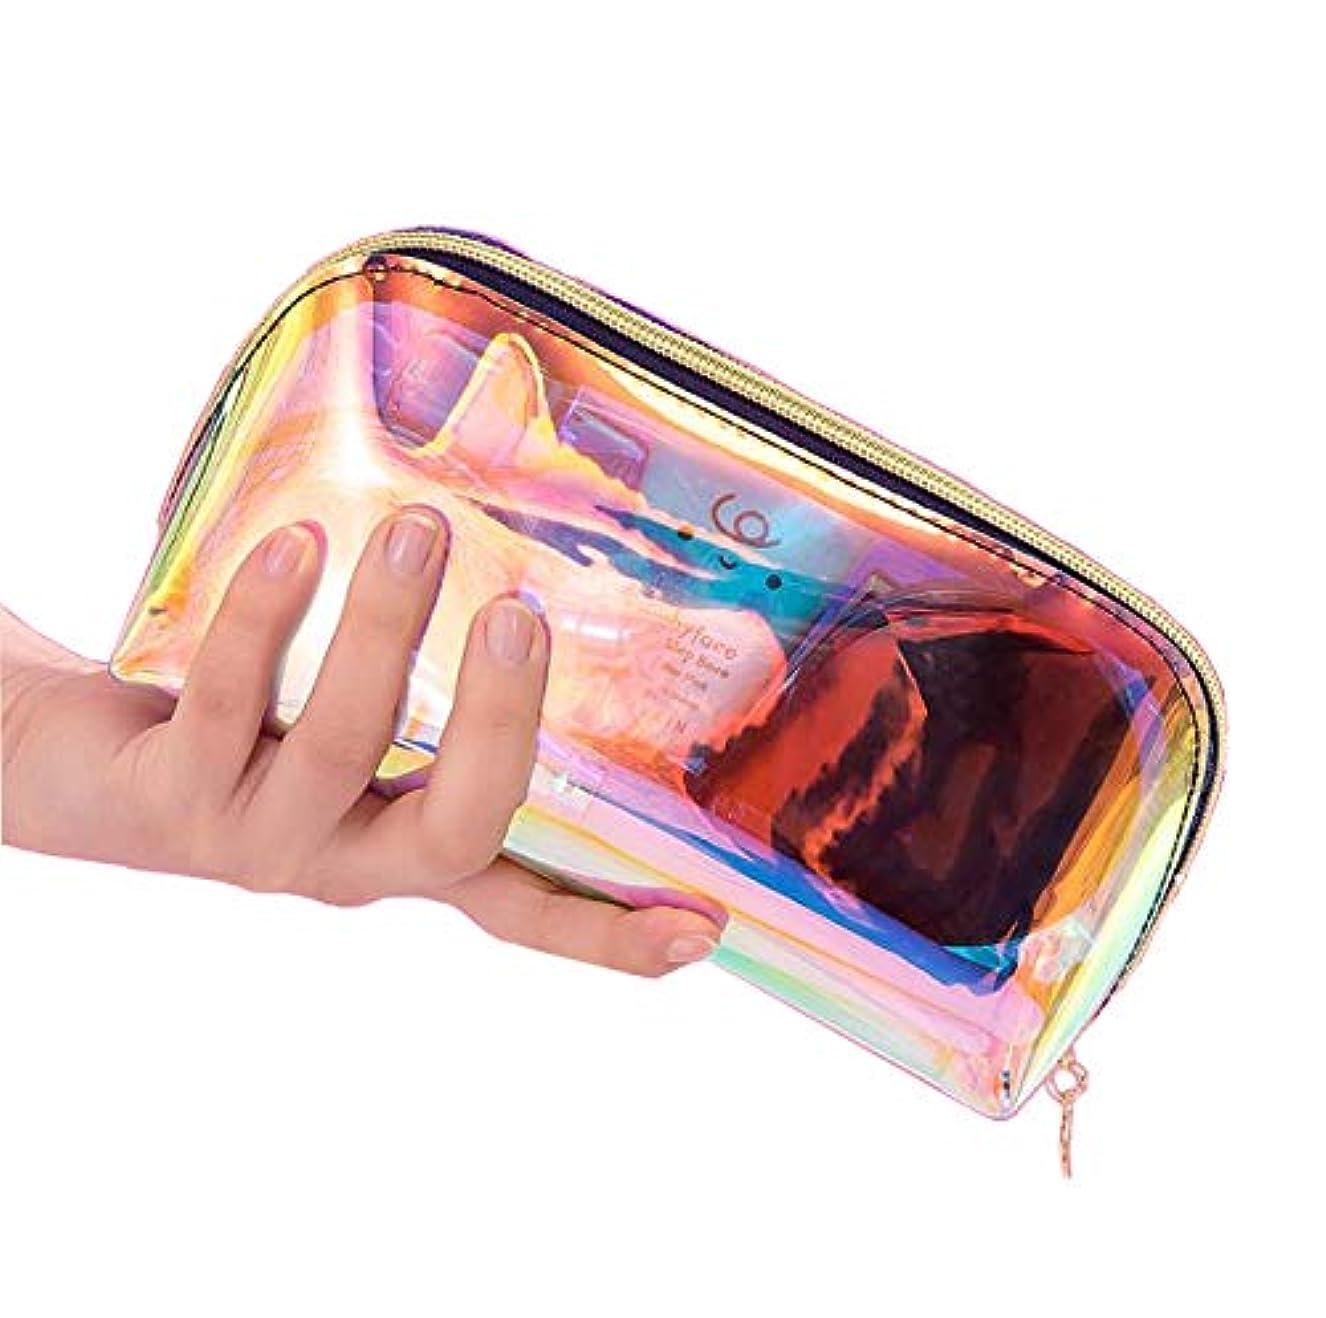 見つけたガロン復活させるRanoki 化粧品バッグ 収納防水多彩透明メッシュ温泉、 ビーチサイド旅行、出張、便利、メイク 収納 メイクブラシポーチ化粧品